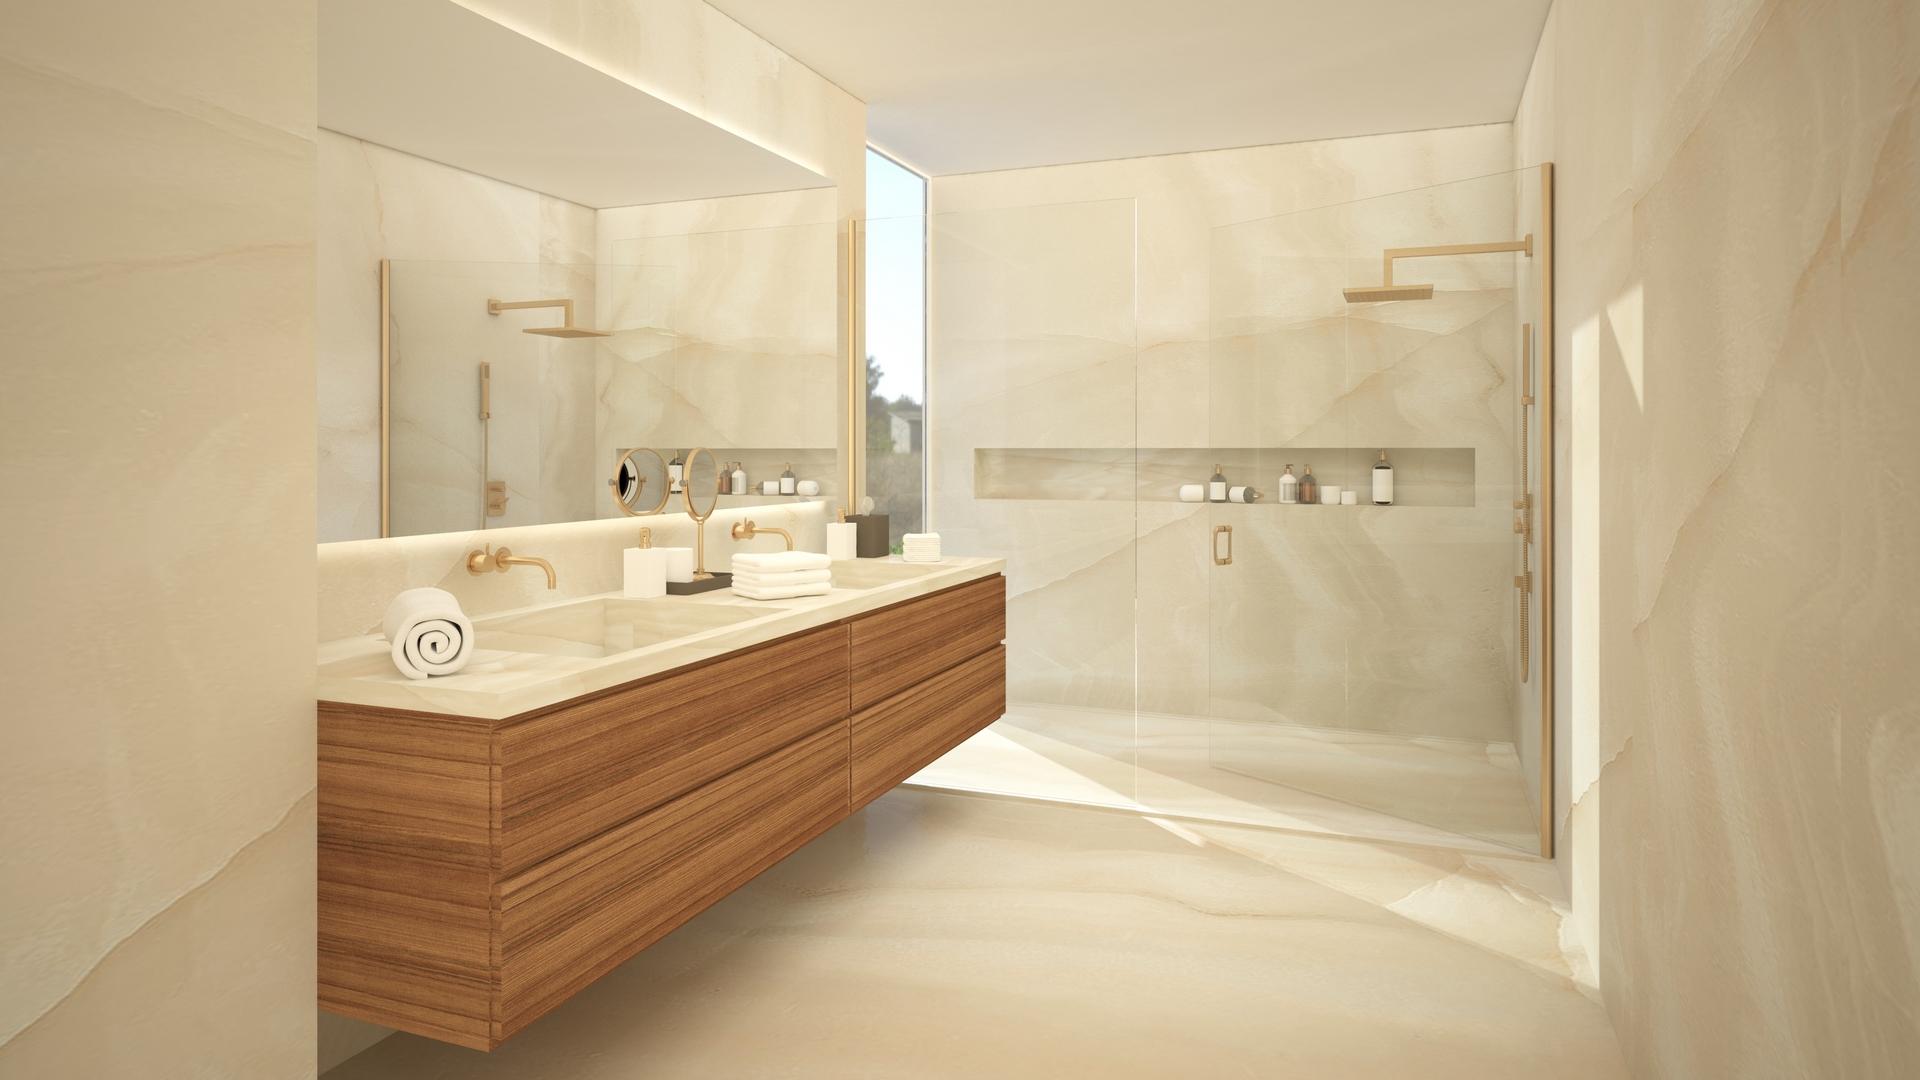 Ground floor - master bathroom (Αντιγραφή)